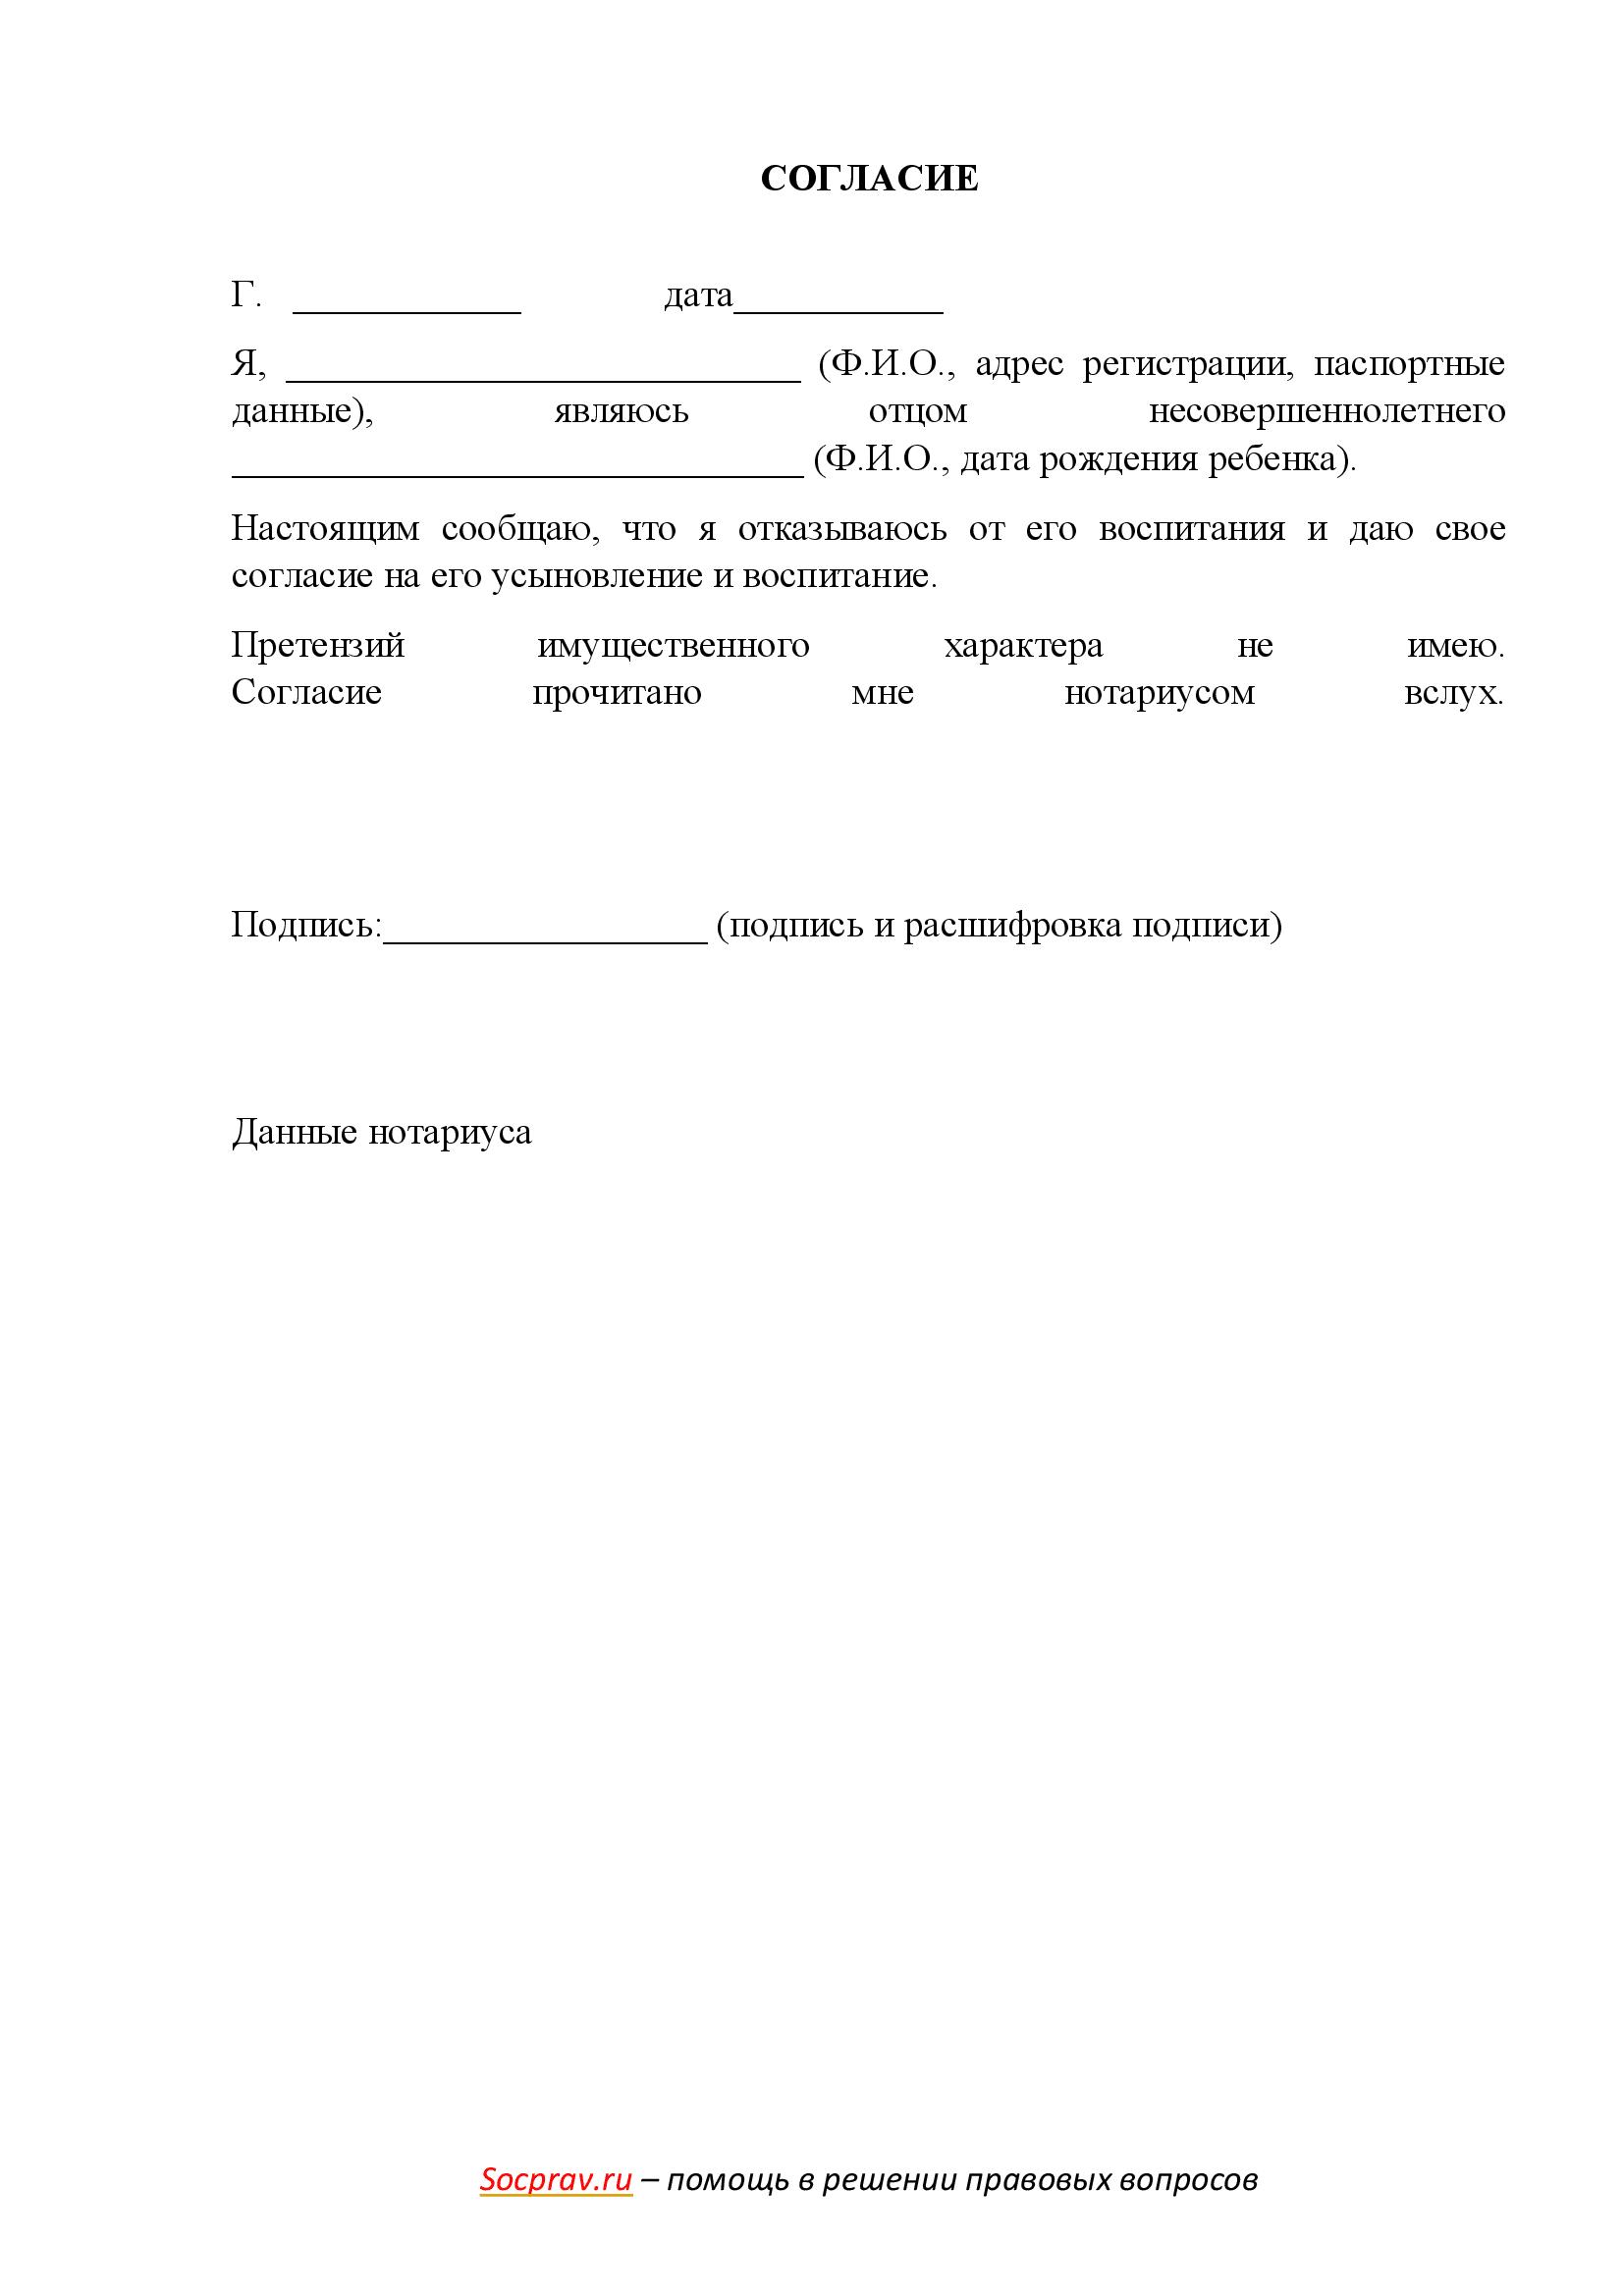 Согласие на усыновление неопредленным кругом лиц